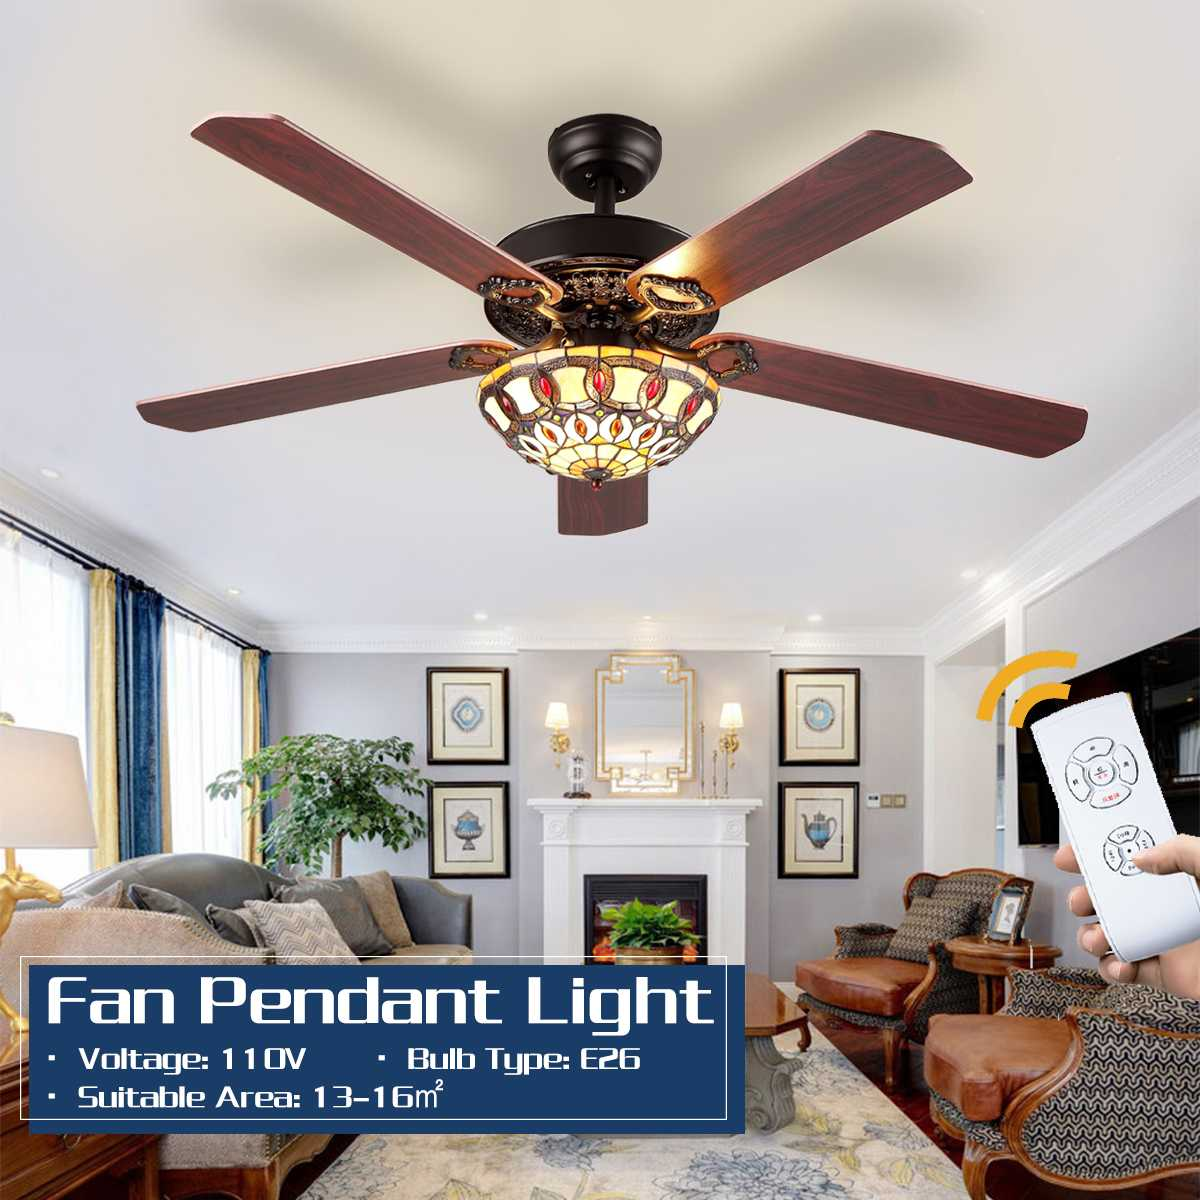 Retro 52 Polegada ventiladores de teto de madeira ventilador de teto quarto luz de teto ventilador de vidro de madeira luzes controle remoto 110v e26